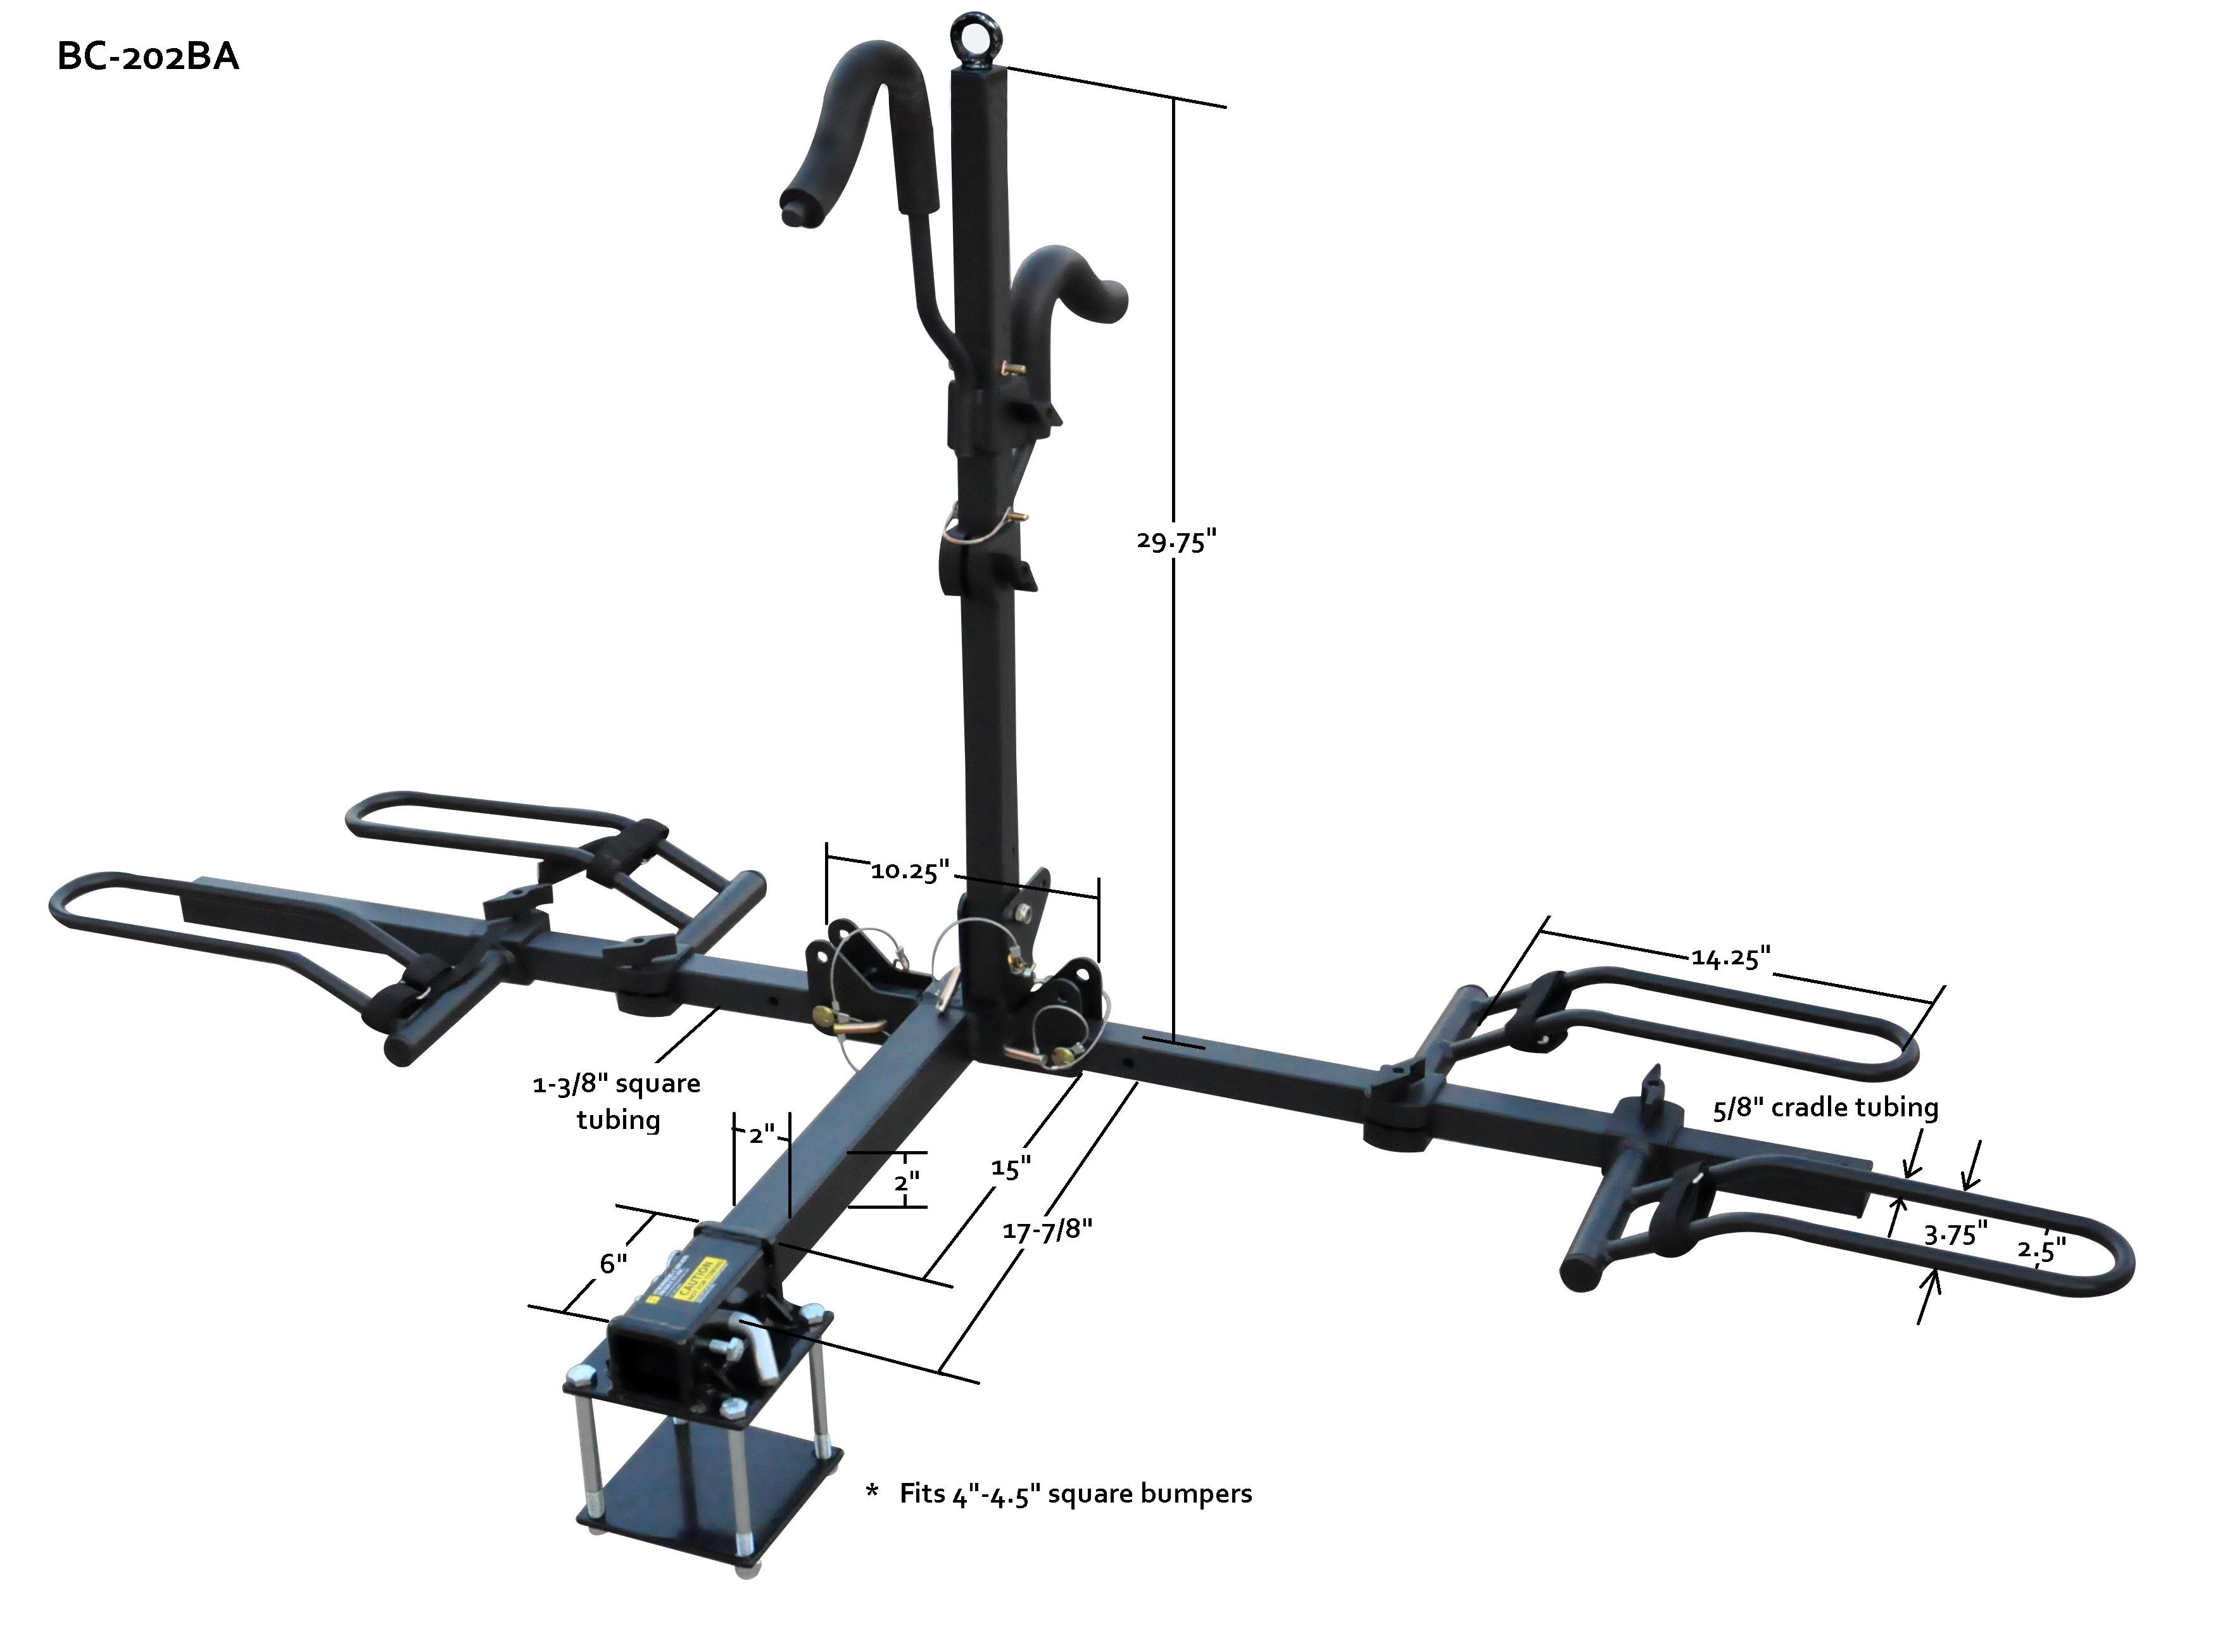 platform mount bike rack - model bc-202ba